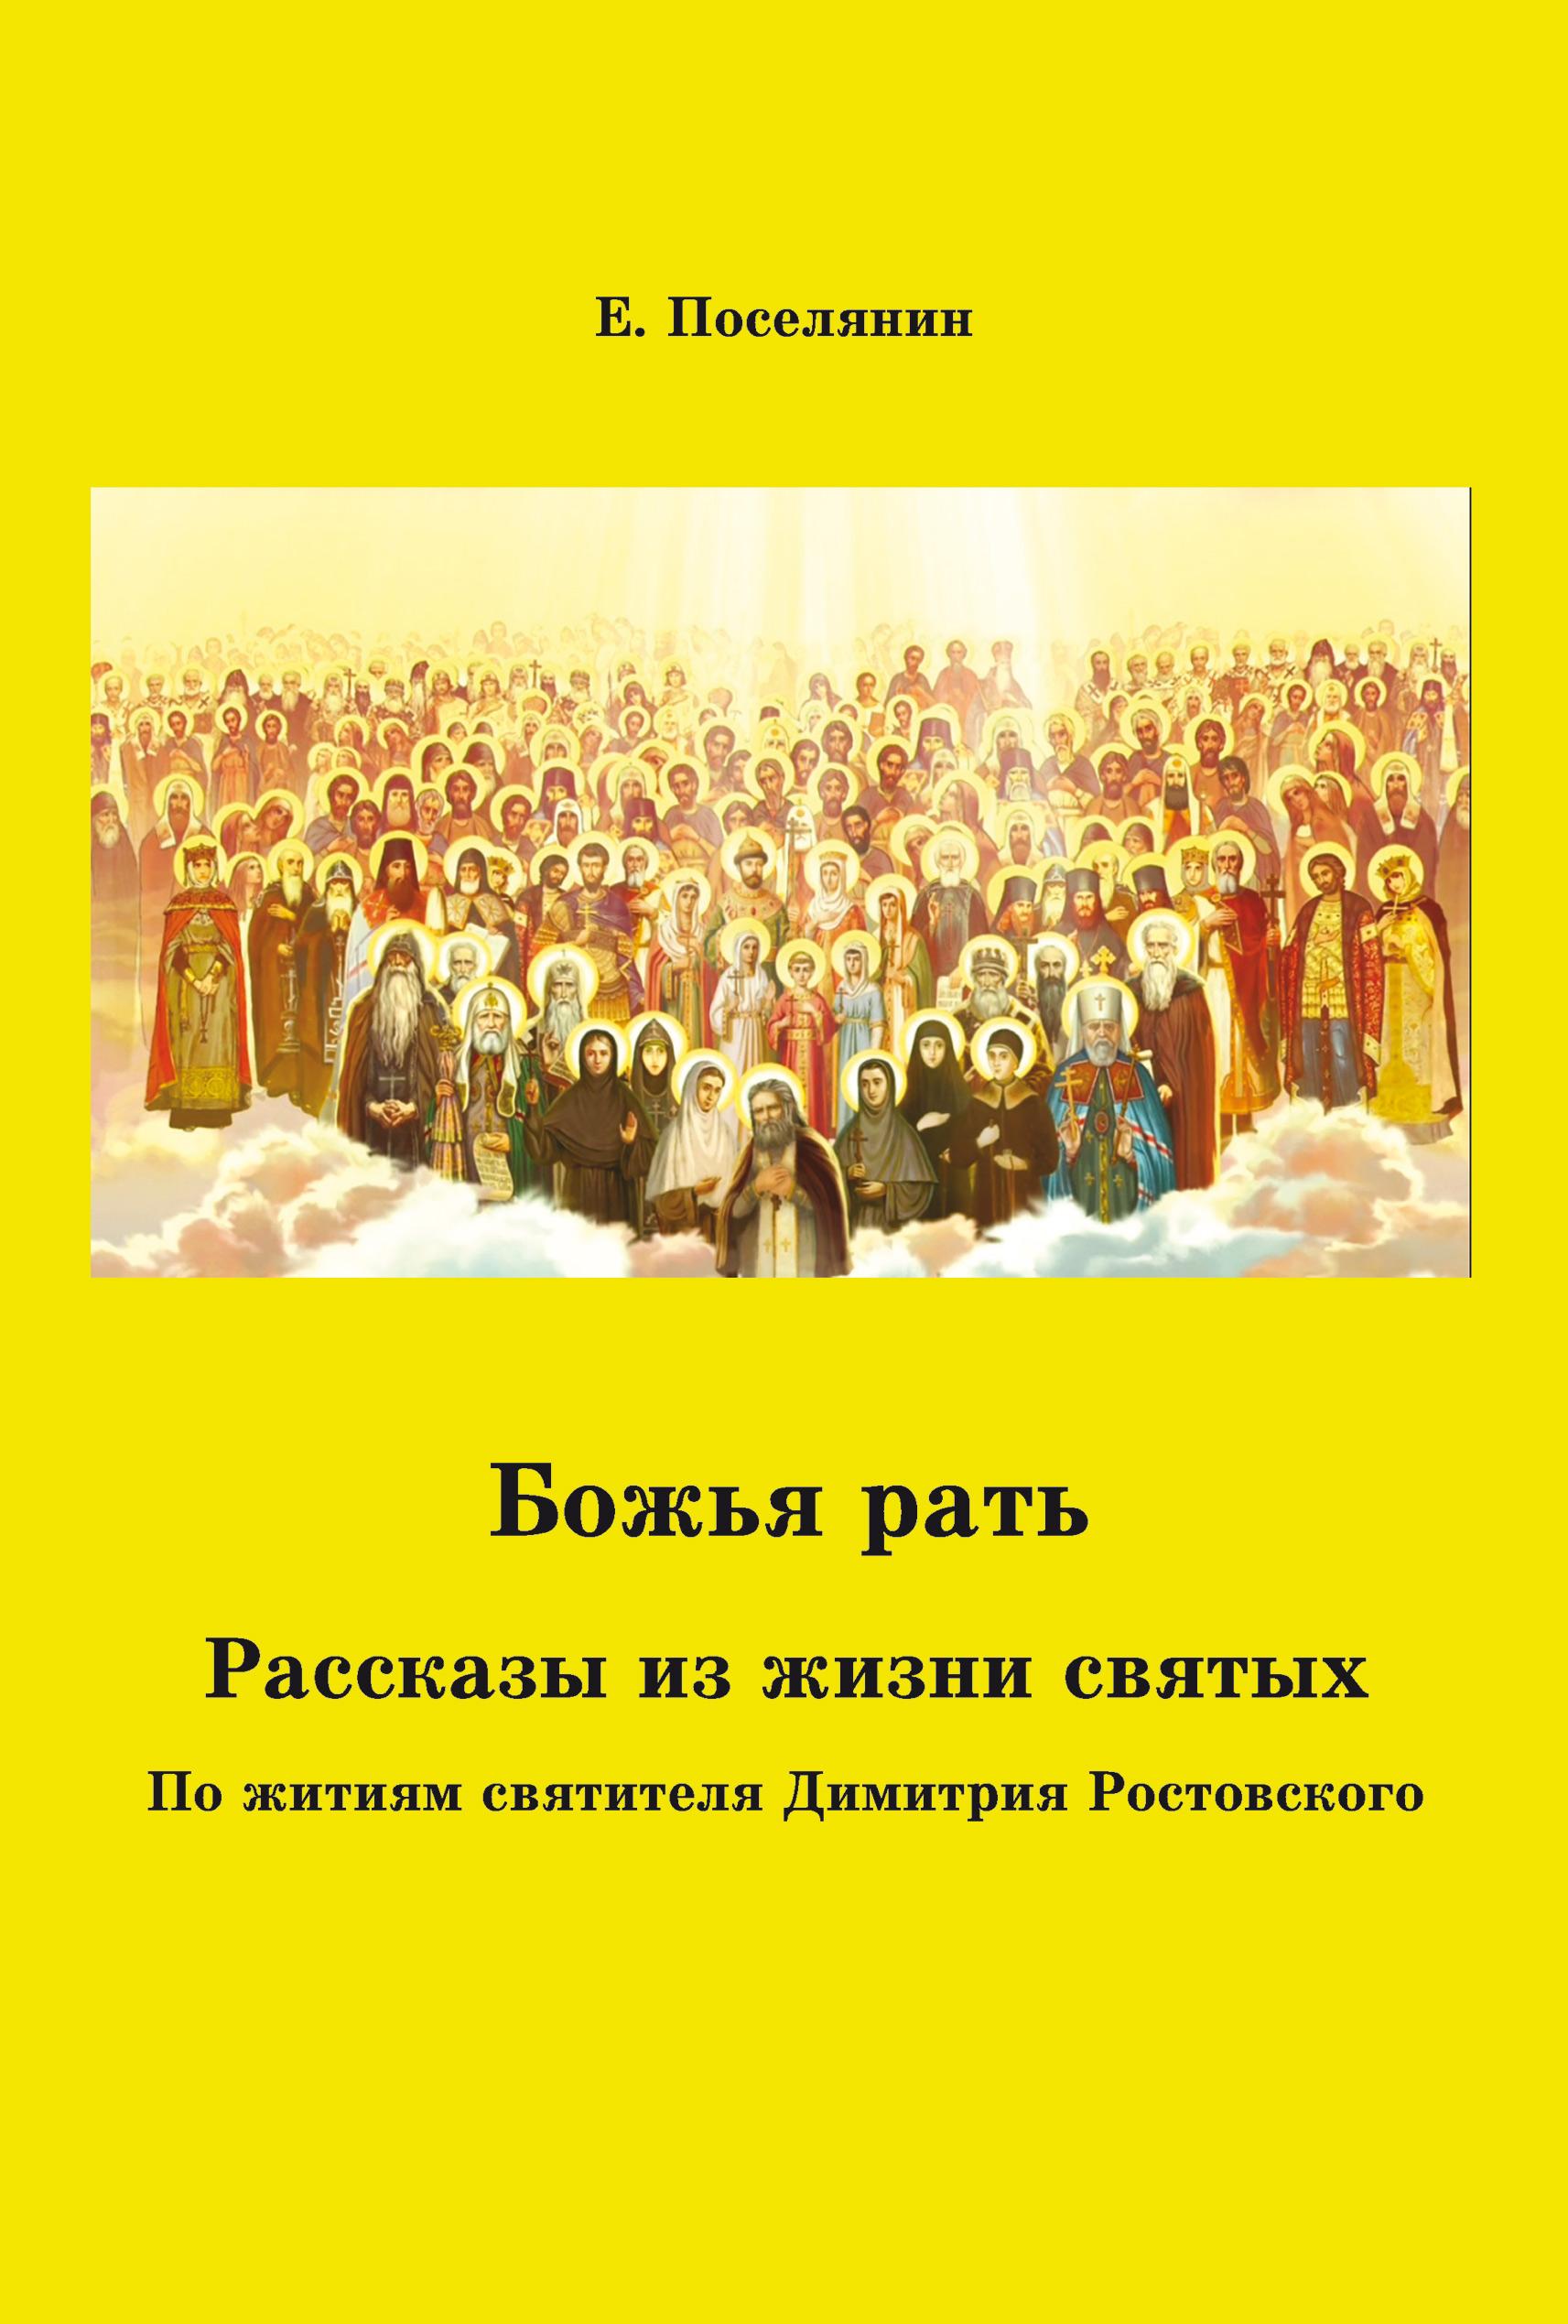 Фото - Евгений Поселянин Божья рать. Рассказы из жизни святых бенедикт xvi отцы церкви от климента римского до святого августина